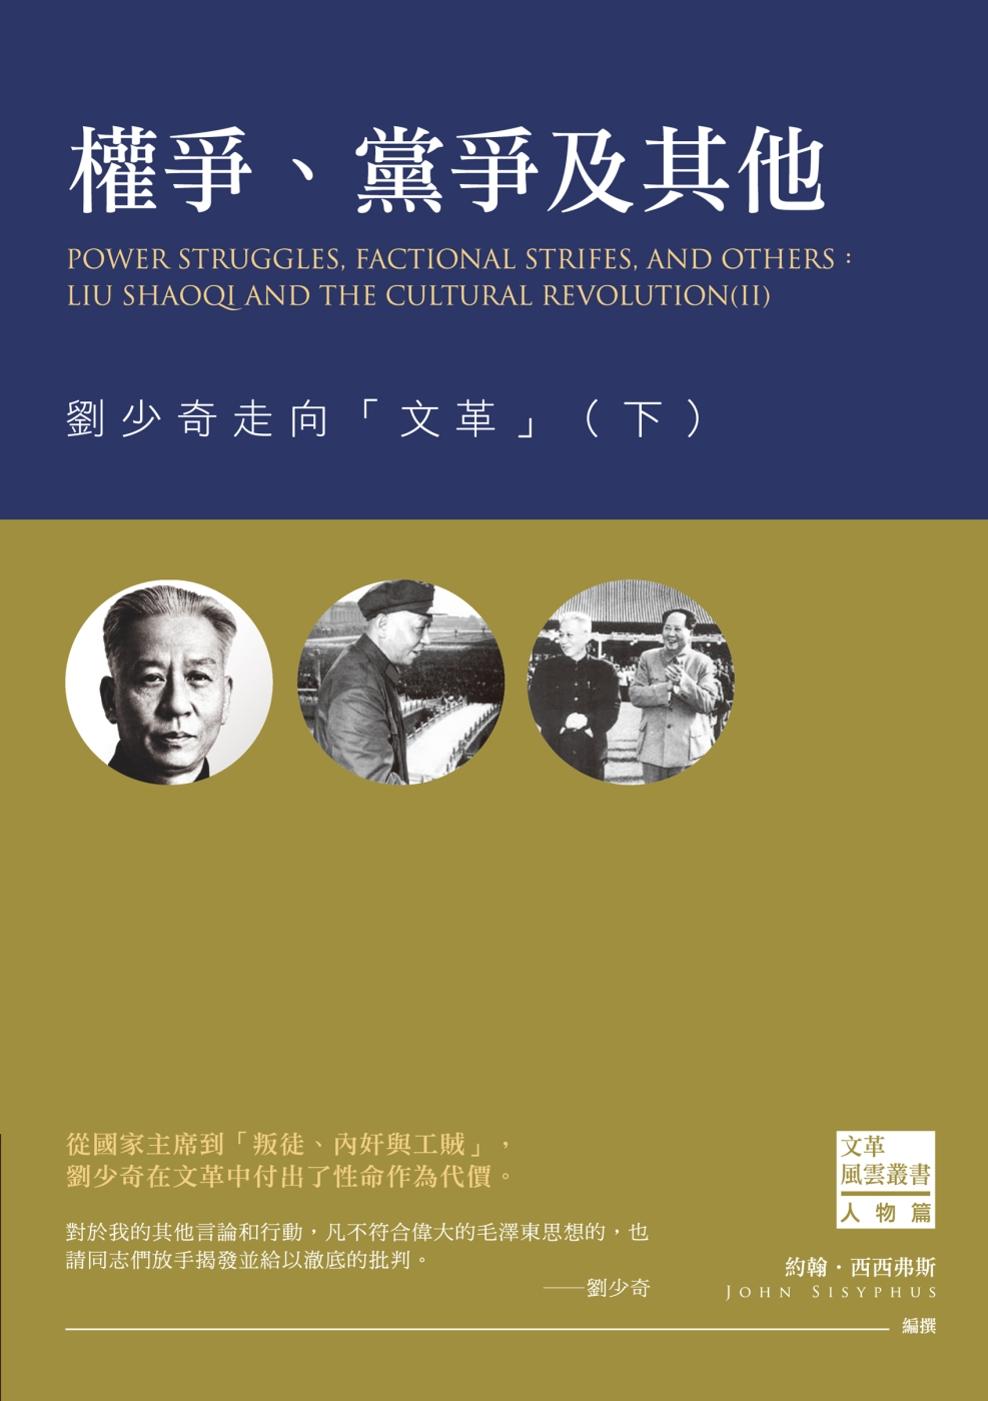 權爭、黨爭及其他:劉少奇走向「文革」(下)